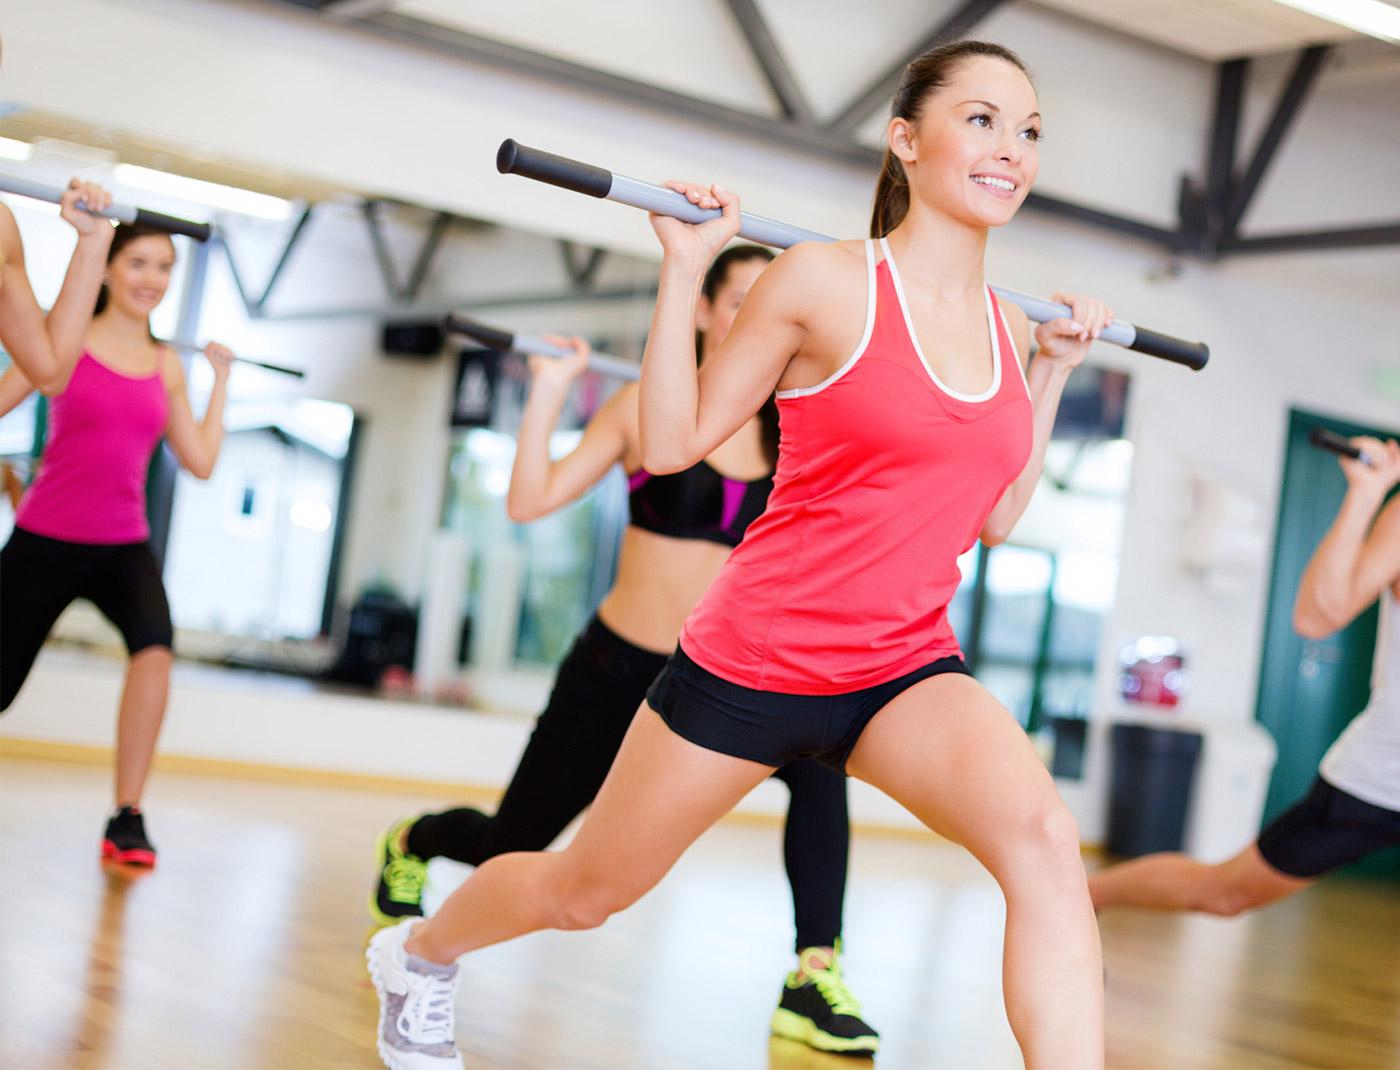 метаболические тренировки для похудения женщин